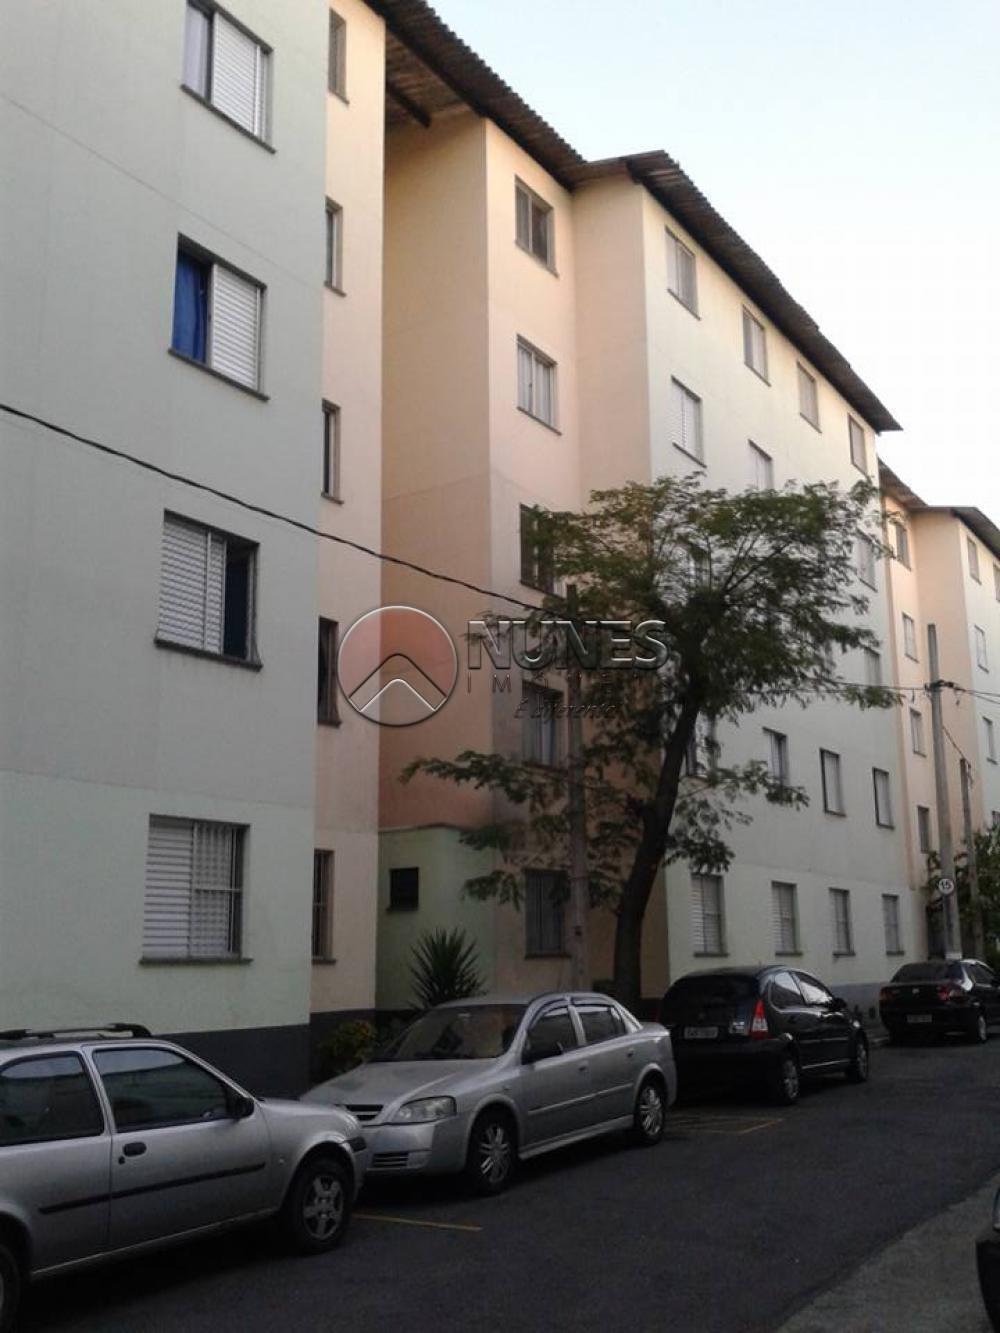 Comprar Apartamento / Padrão em Carapicuíba apenas R$ 165.000,00 - Foto 1